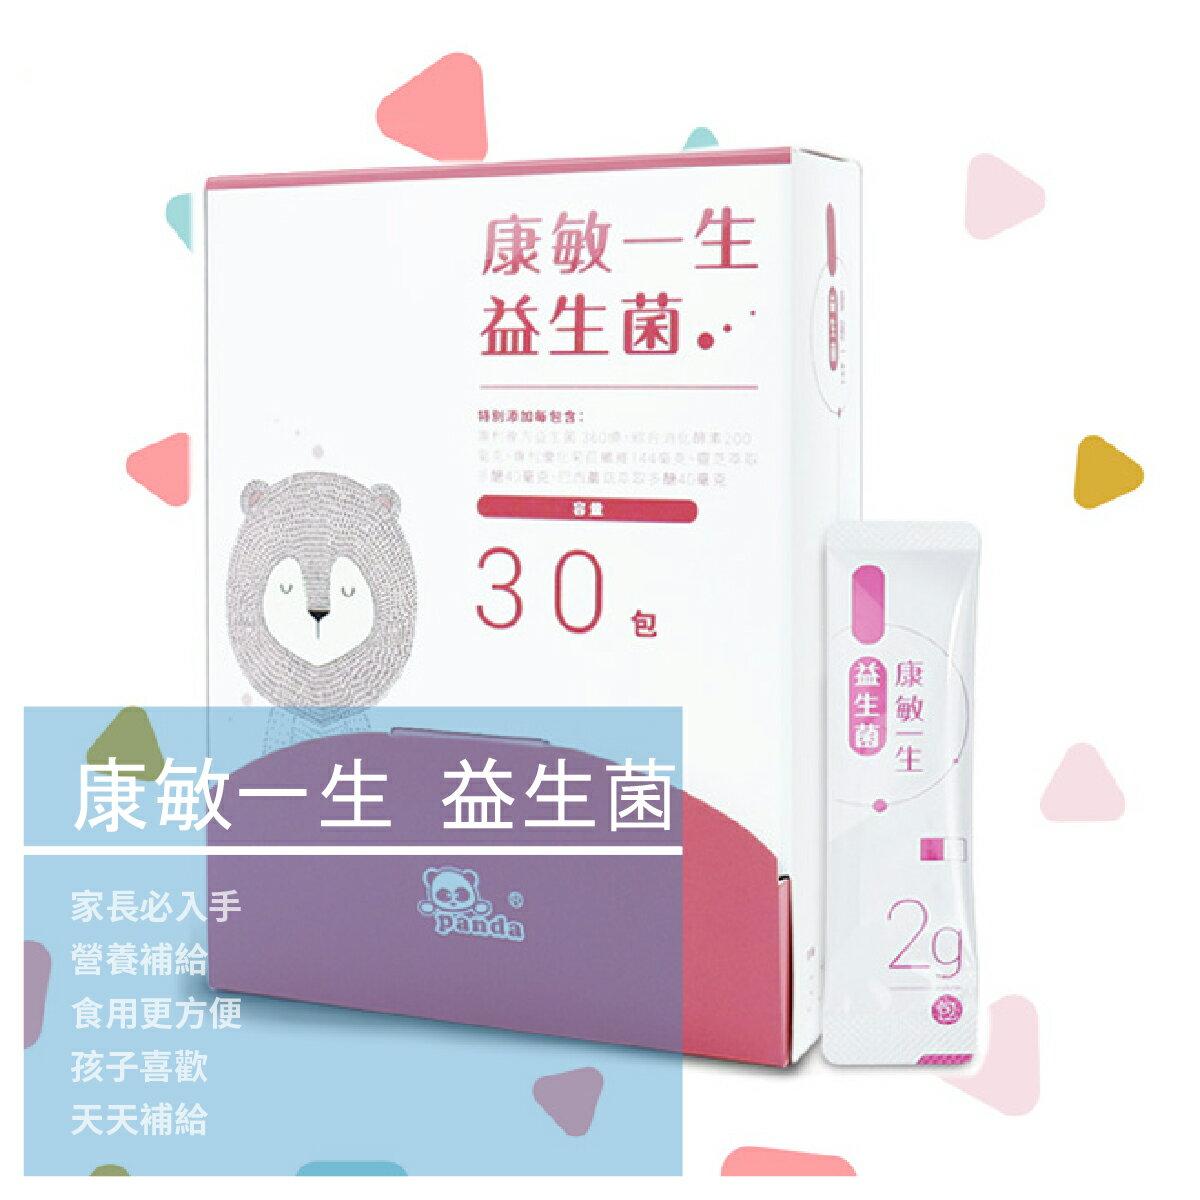 【碧綠谷藥局】鑫耀Panda 康敏一生 益生菌 30包